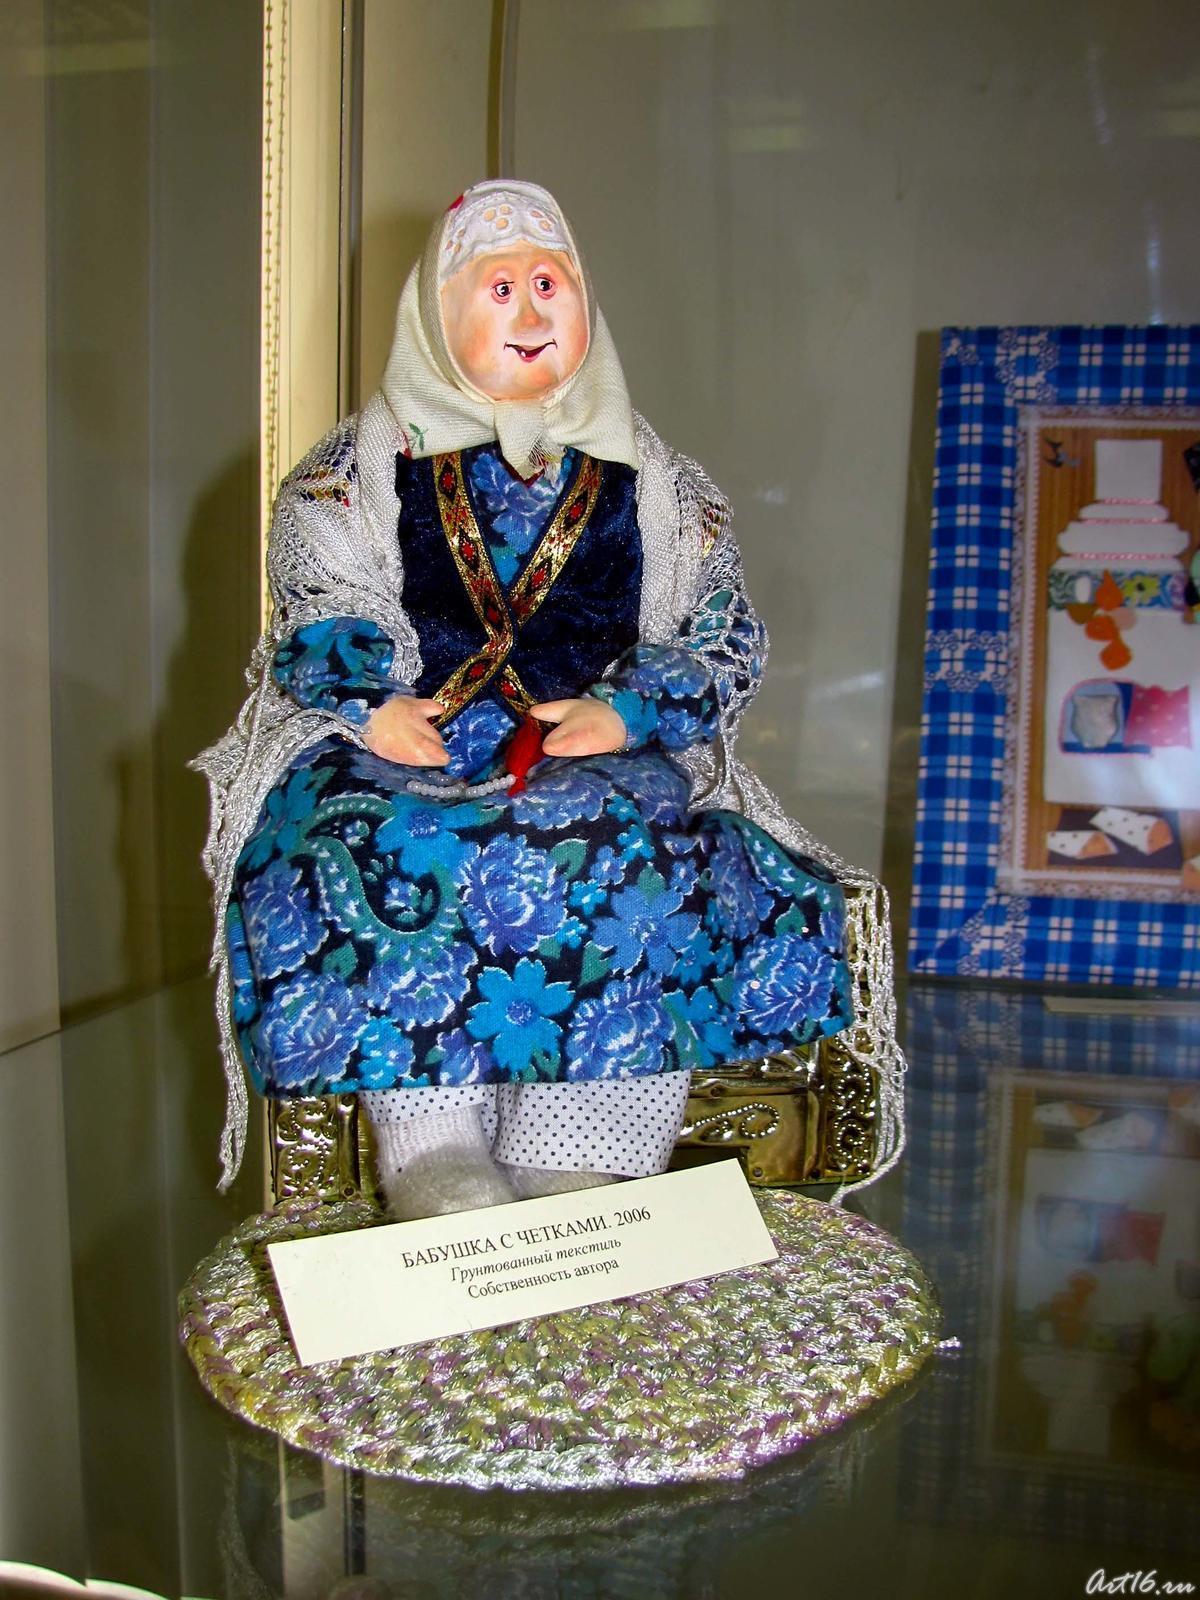 Фото №54364. Бабушка с четками. 2006